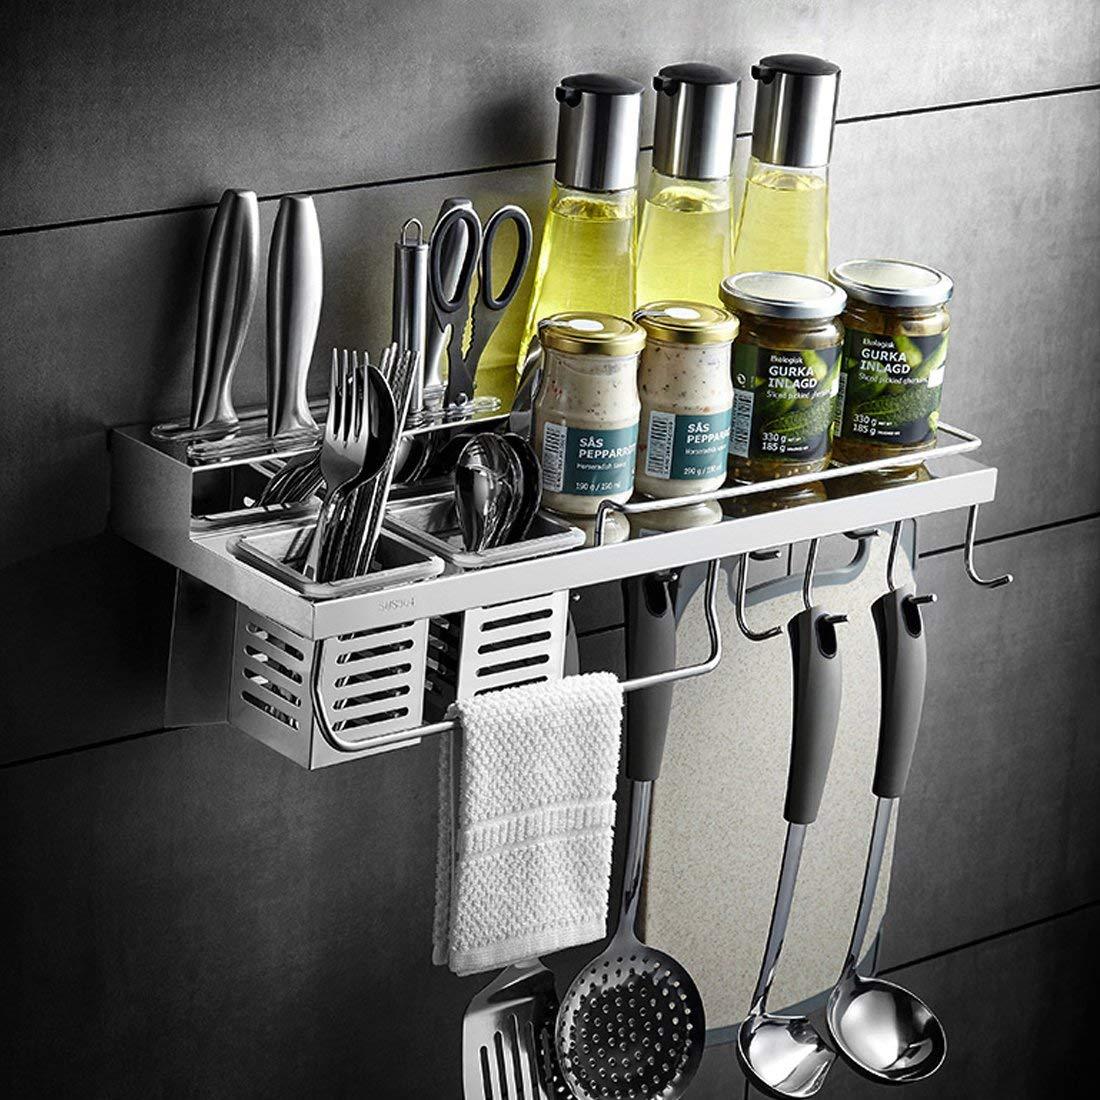 Étagère murale de support de stockage d'organisateur d'armoire de cuisine pour le couteau, tranche, cuillère, chiffon de plumeau, planche à découper, Cruet